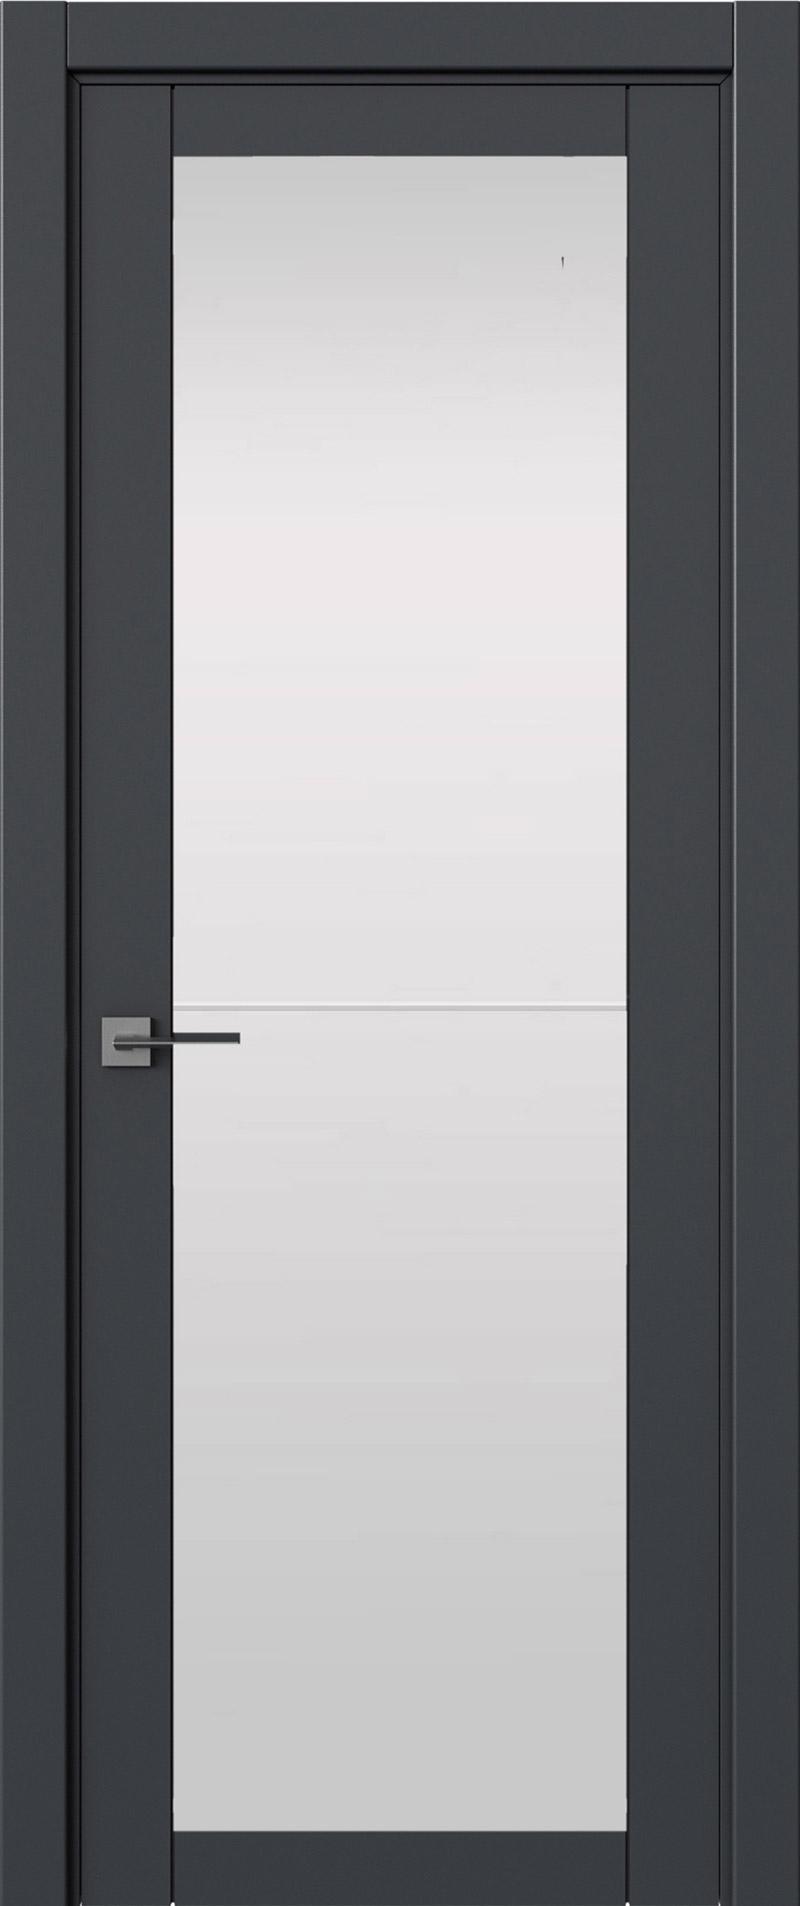 Tivoli З-2 цвет - Графитово-серая эмаль (RAL 7024) Со стеклом (ДО)